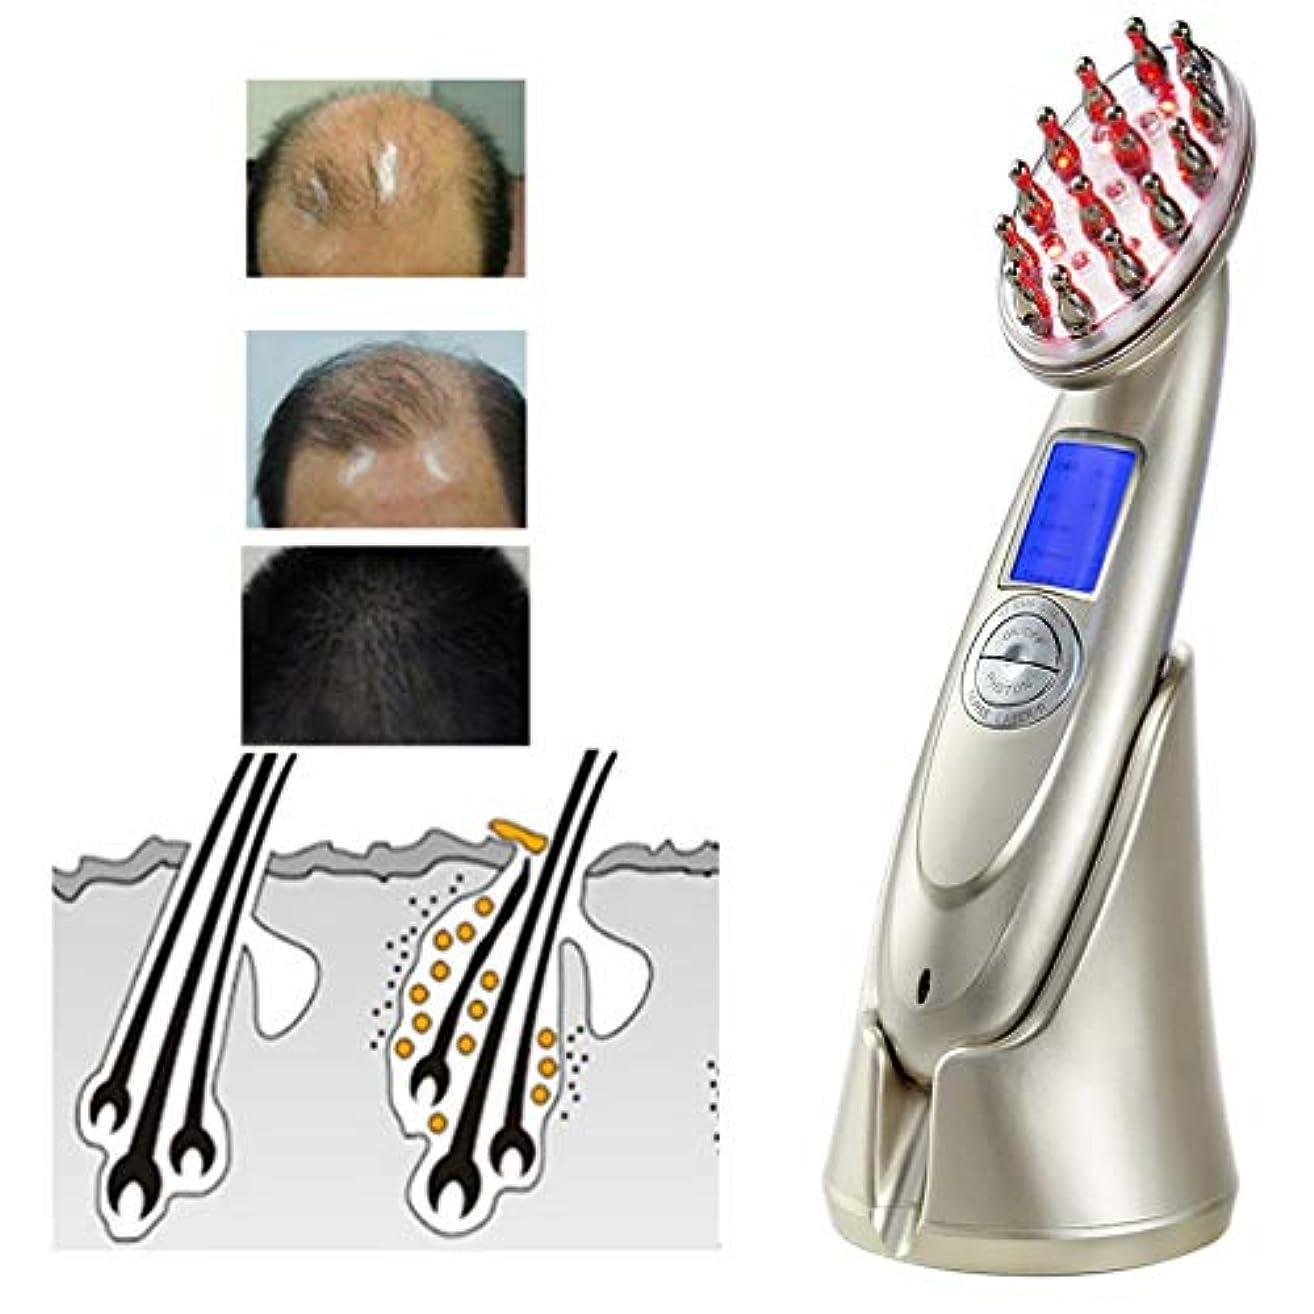 エクスタシー取るに足らないハイキング電気マッサージくし赤外線とデジタル液晶画面、ヘアーコーム治療髪の成長発髪の肥厚